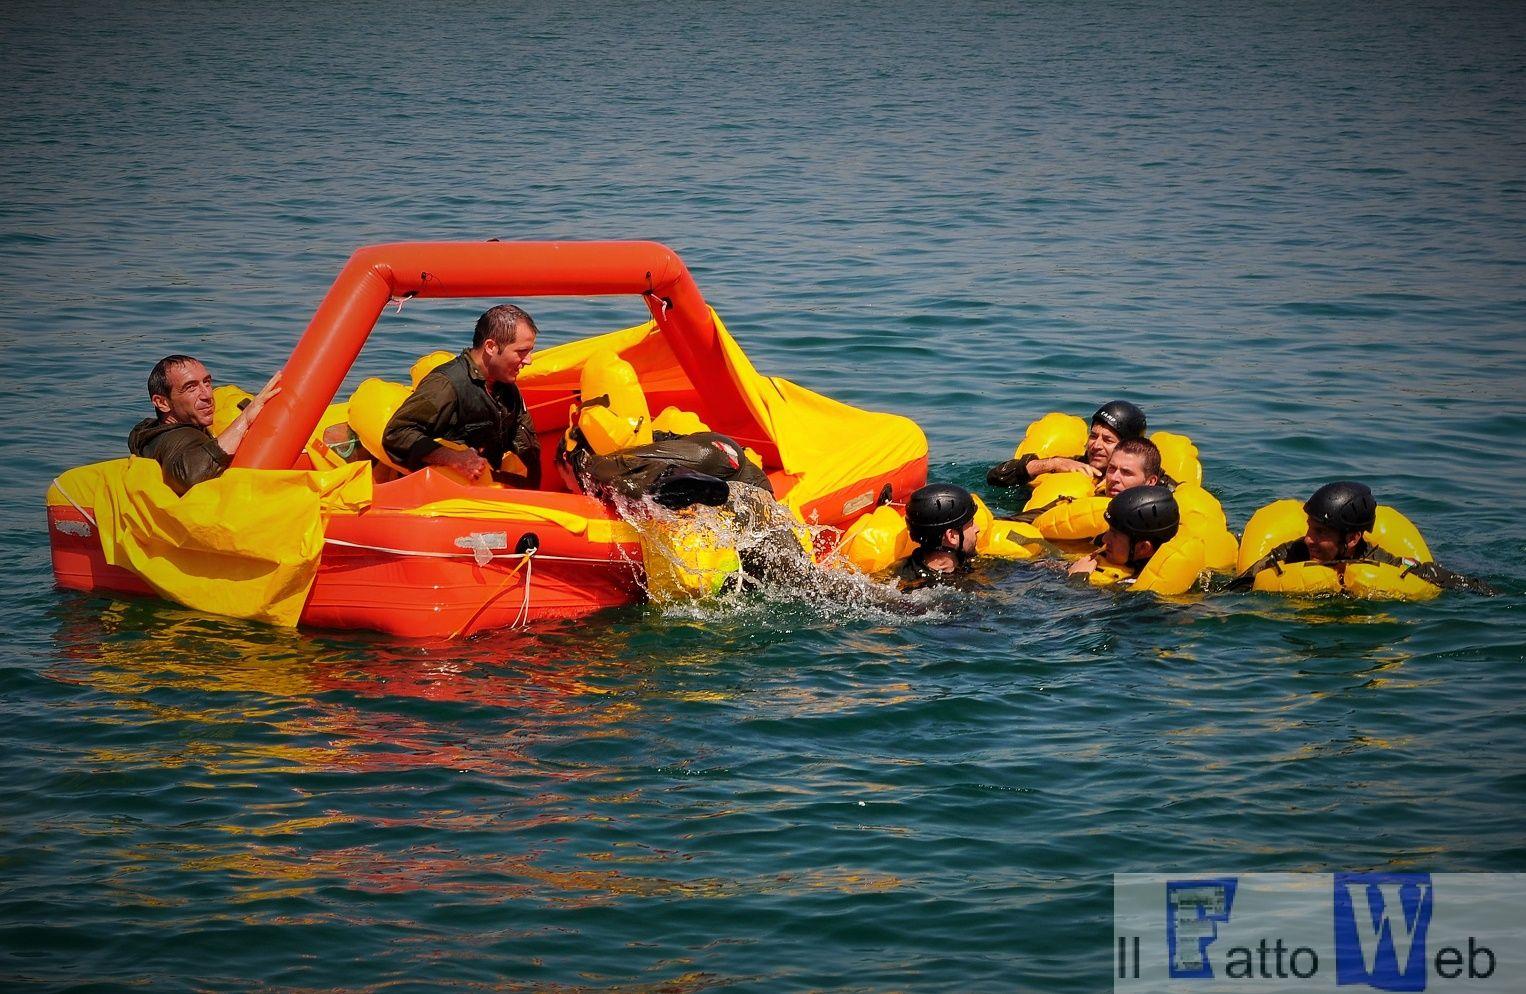 Finti naufraghi in acqua (1)